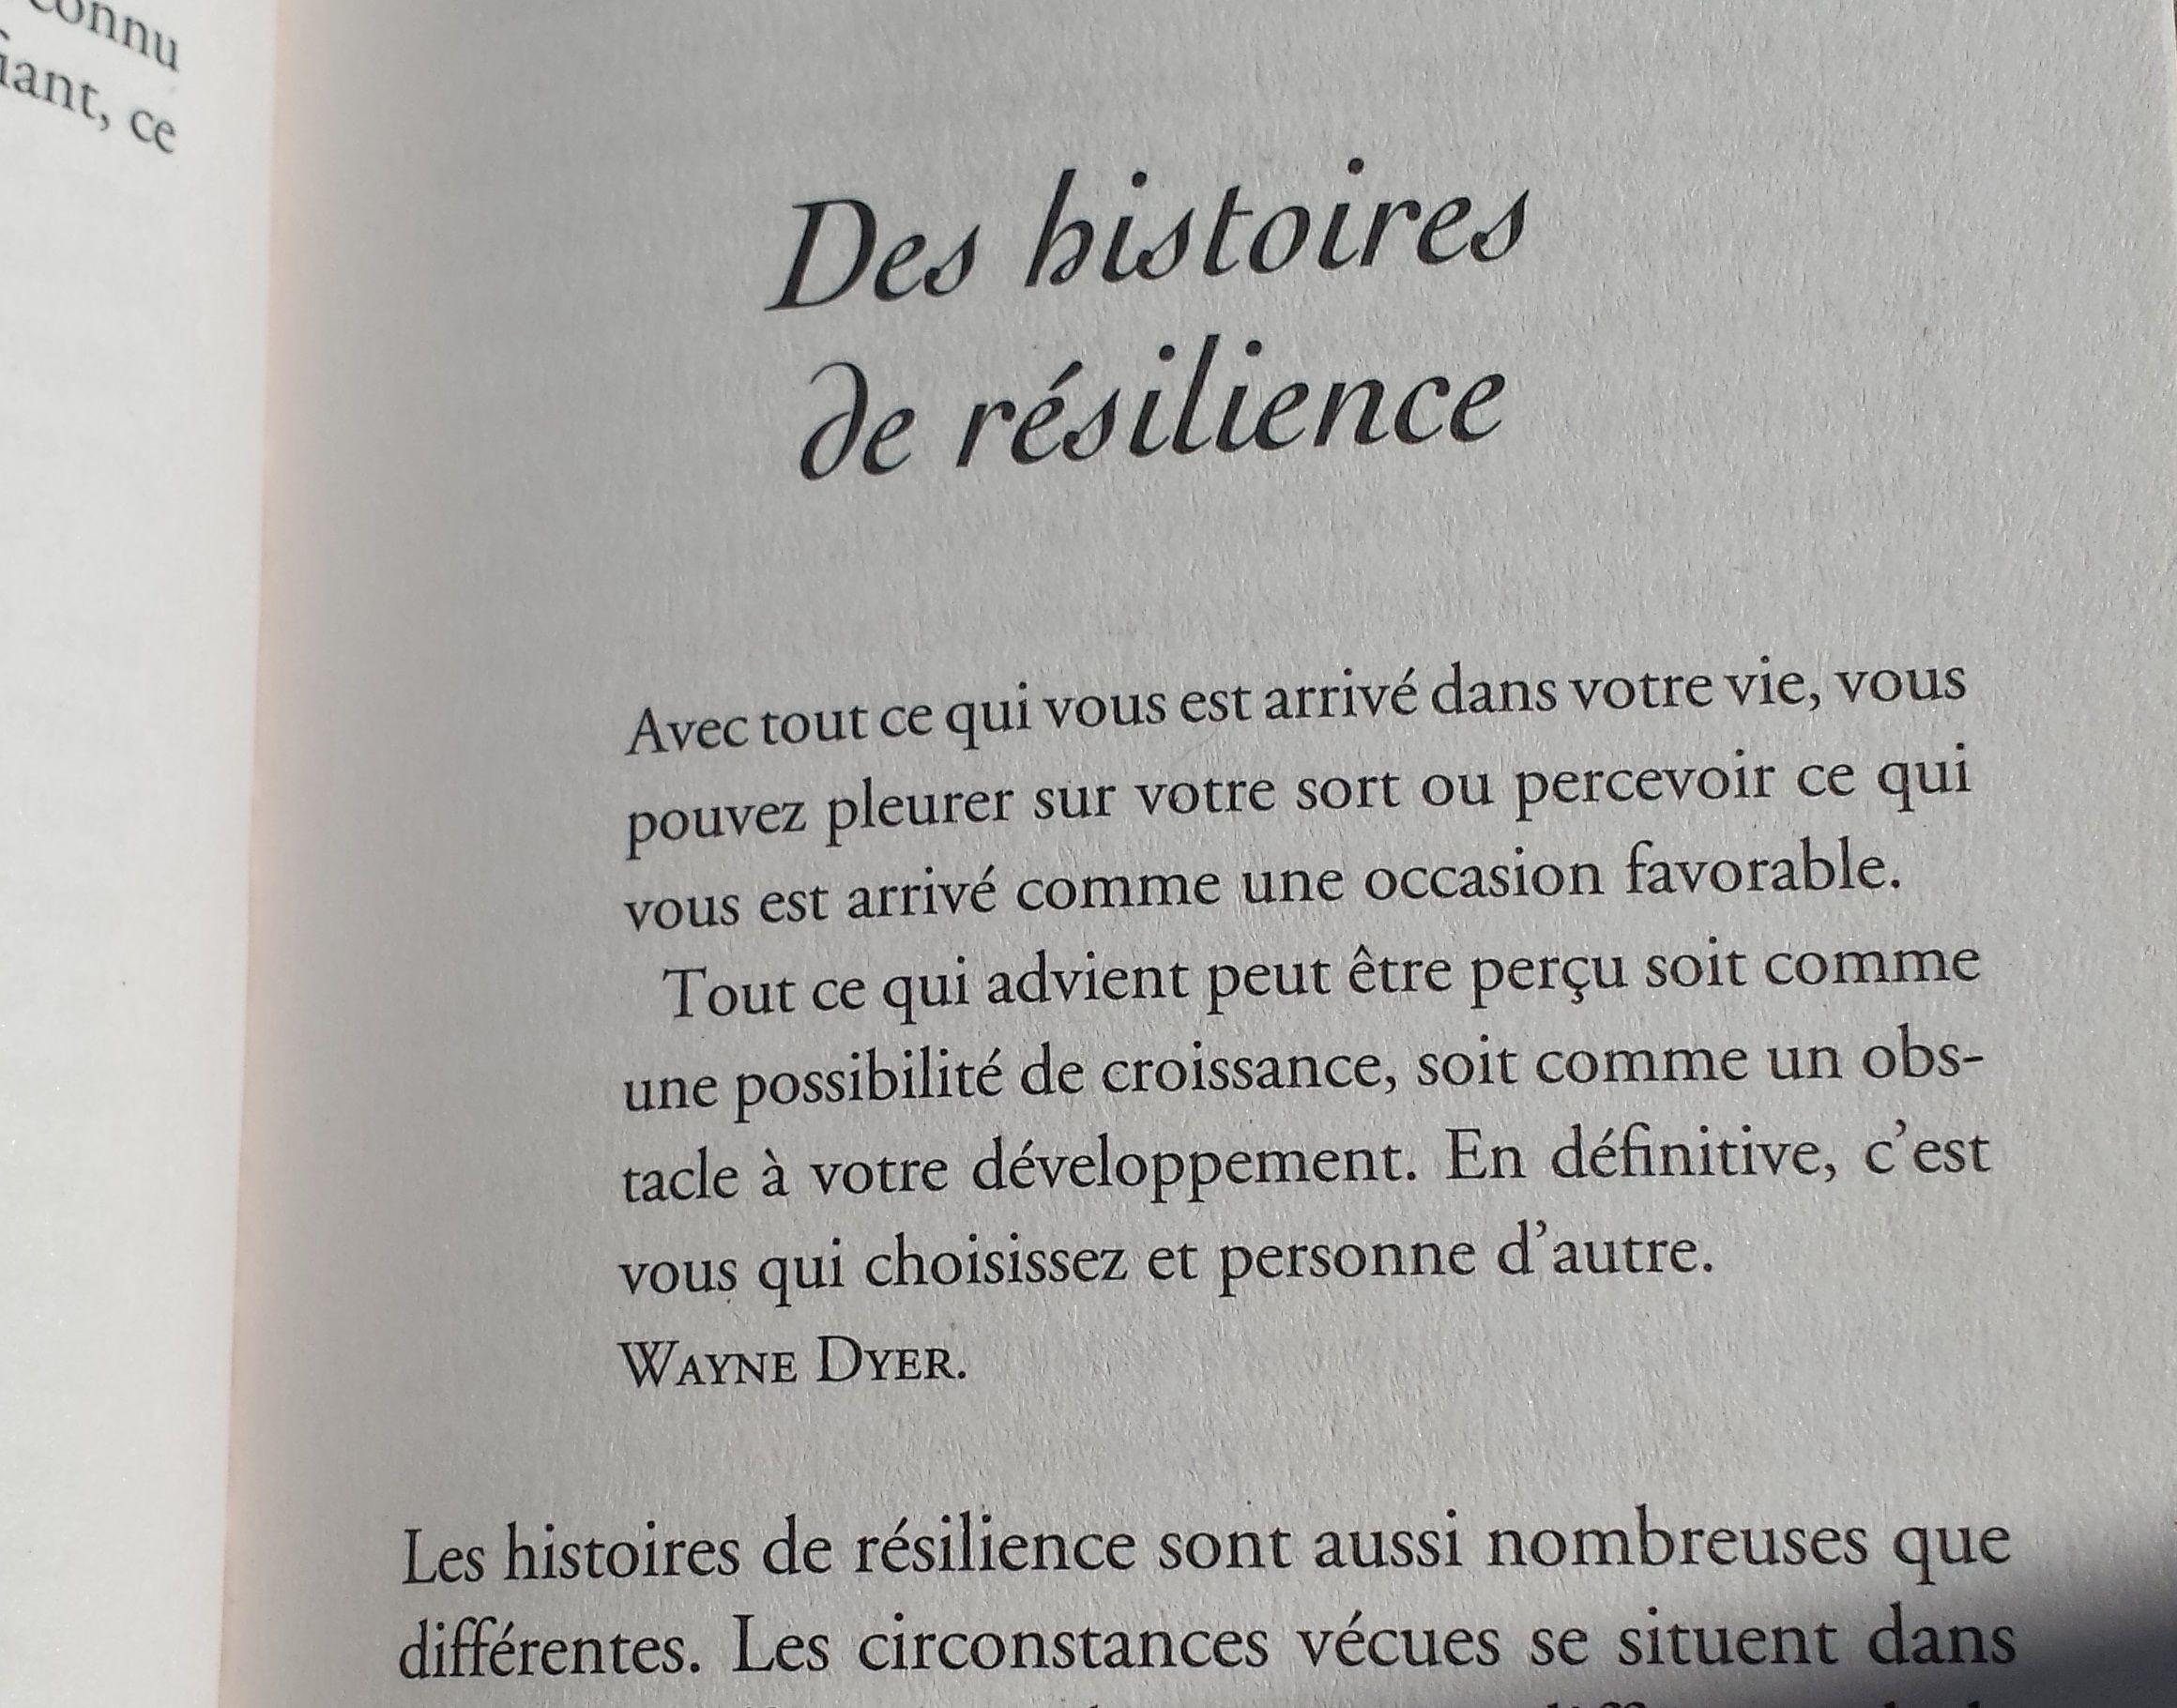 De Histoire Resilience Pleurer Sur Son Sort Ou Avancer Extrait Du Livre La Paraphraser Quelquun